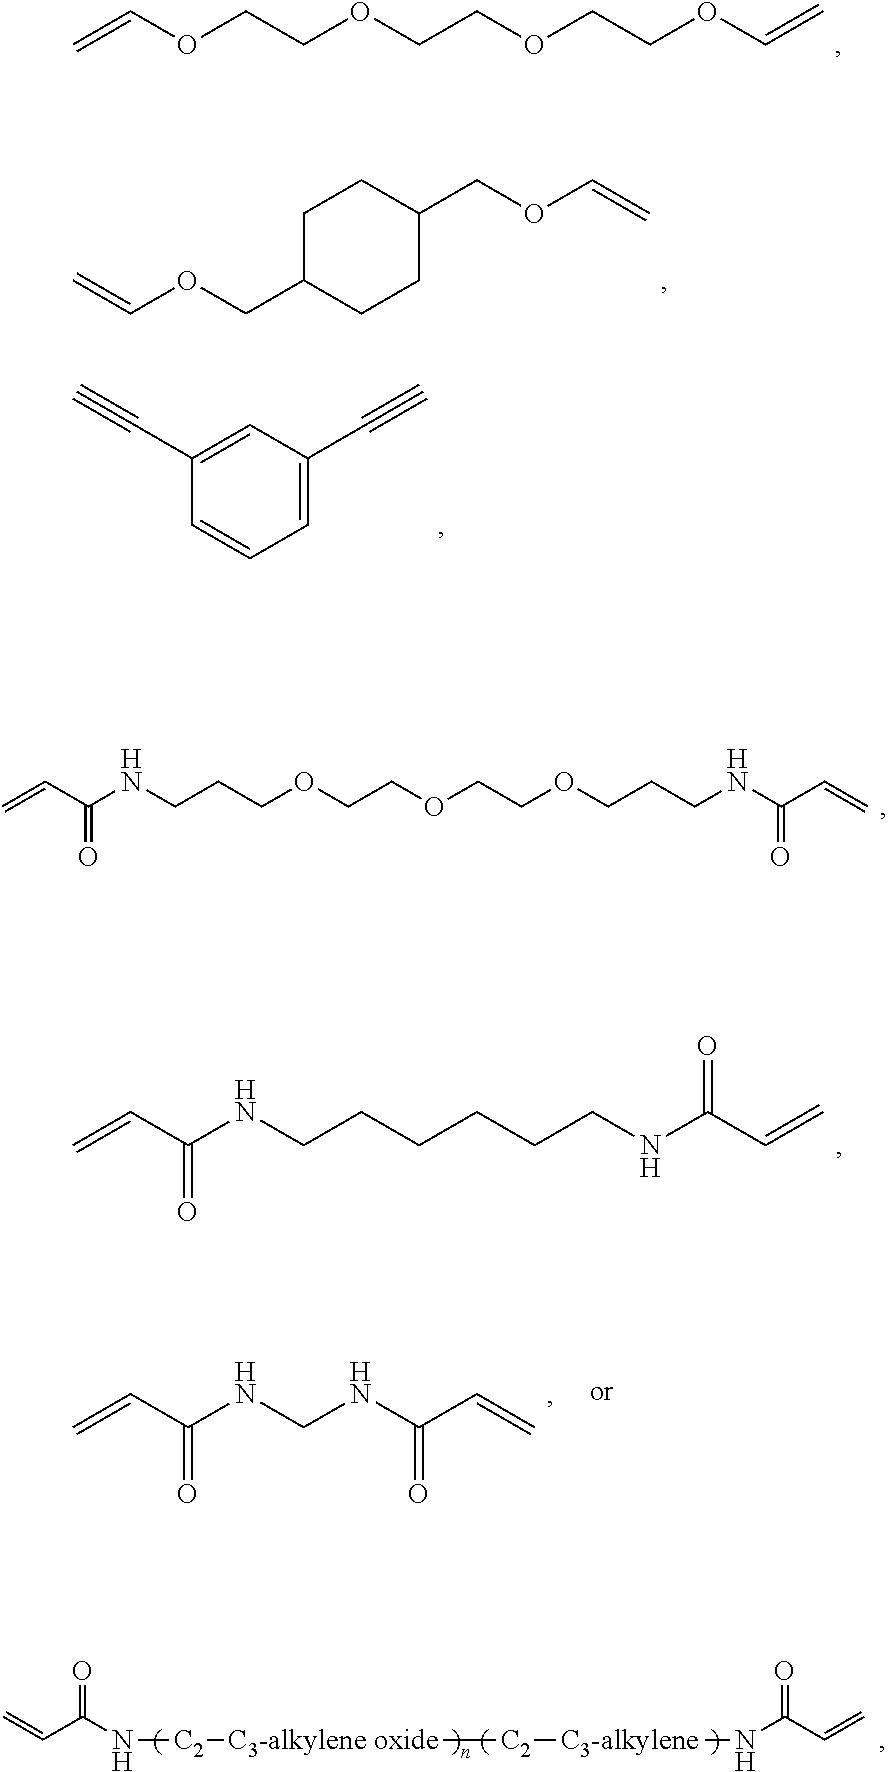 Figure US09735411-20170815-C00005